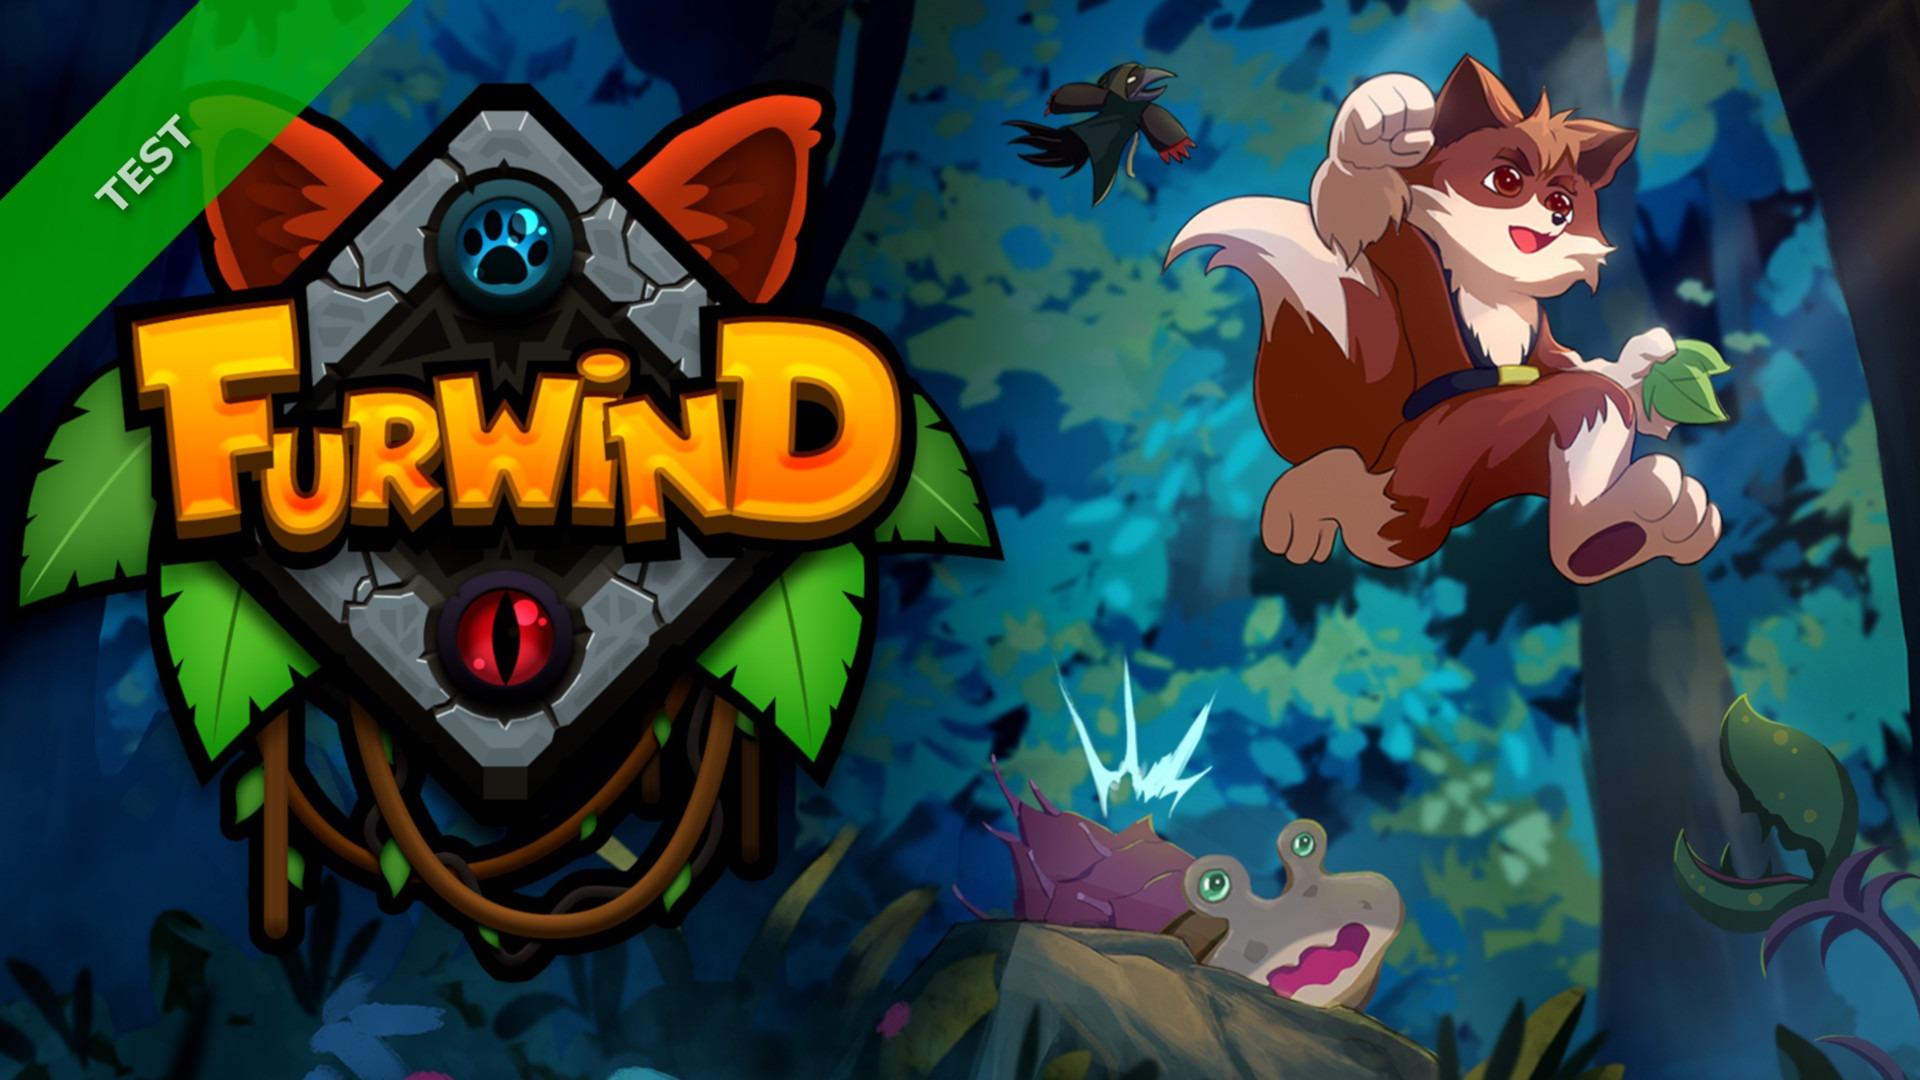 TEST Furwind XWFR